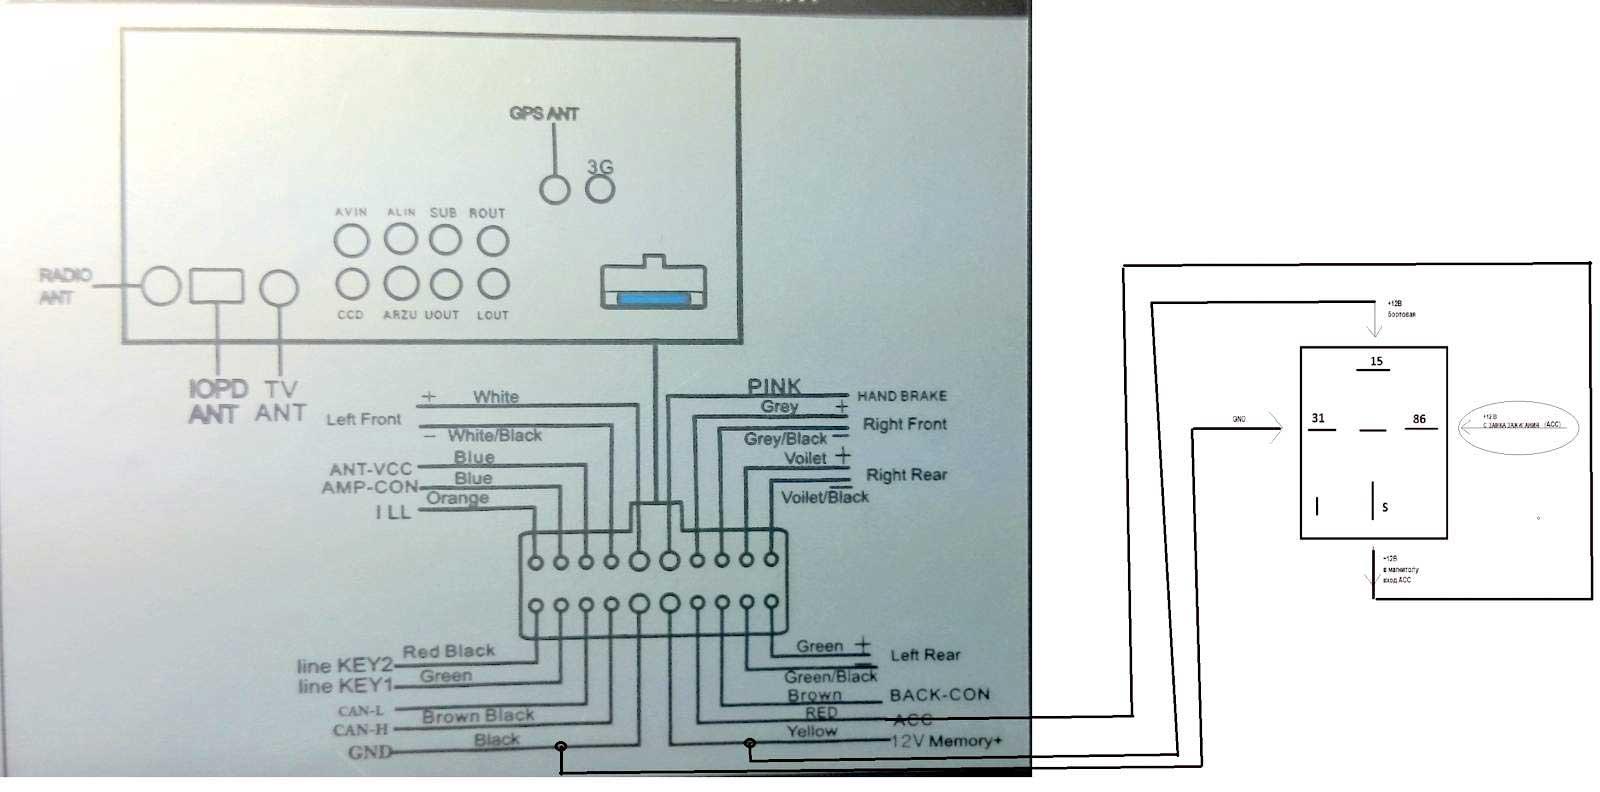 Замена тачскрина на sony xperia z1 compact своими руками